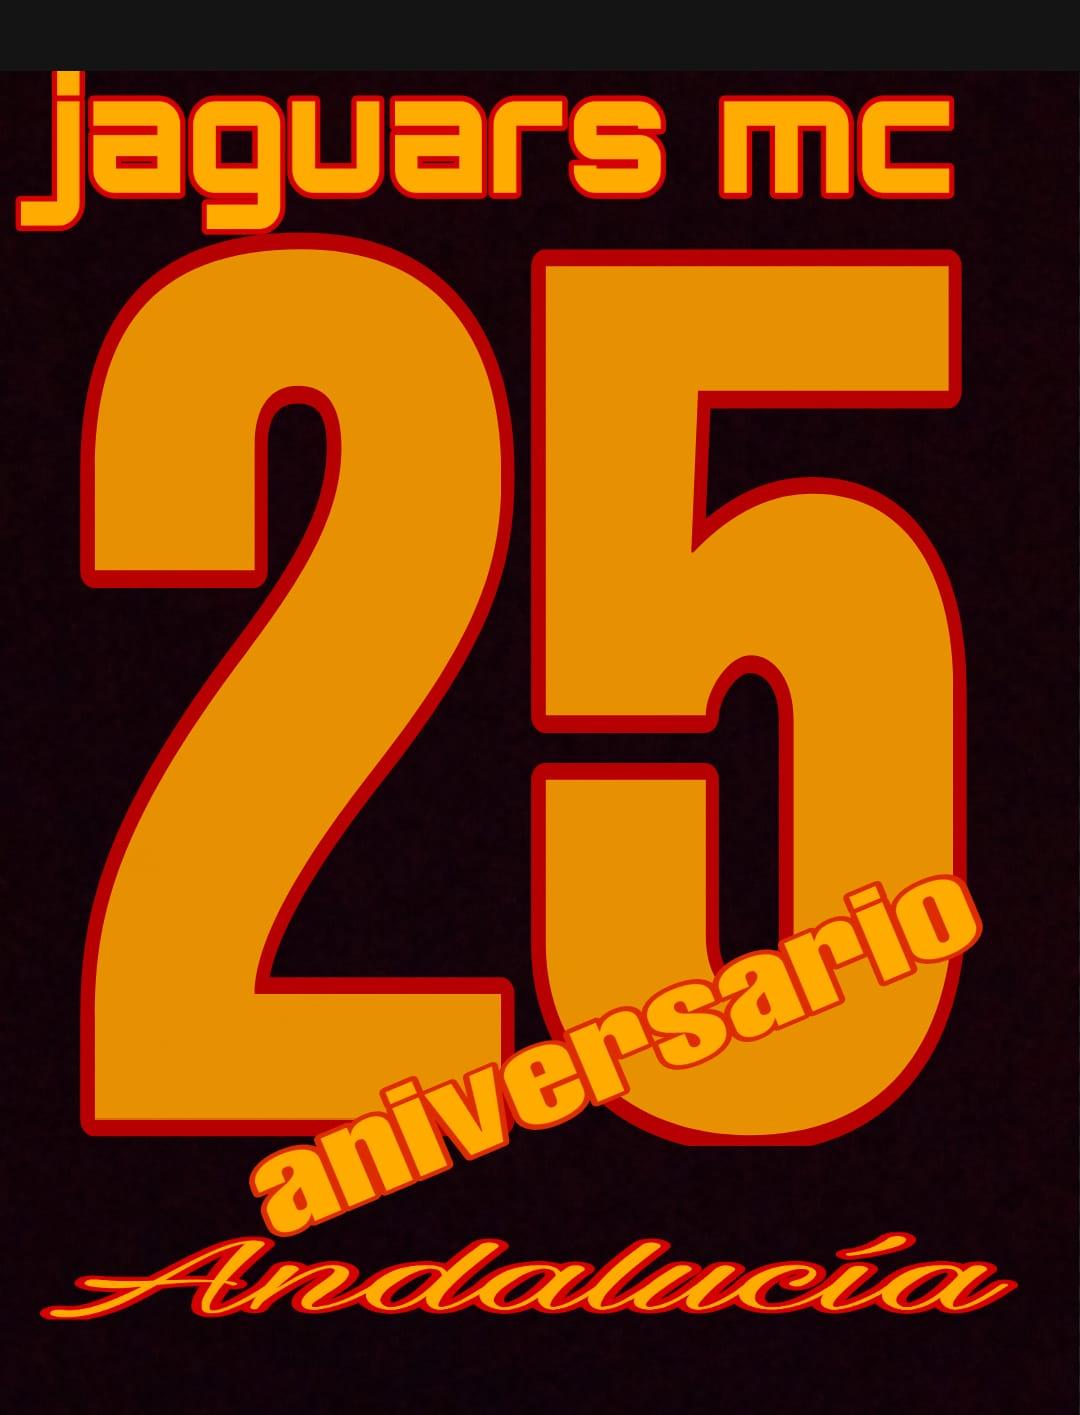 25-aniversario-jaguars-mc-andalucia